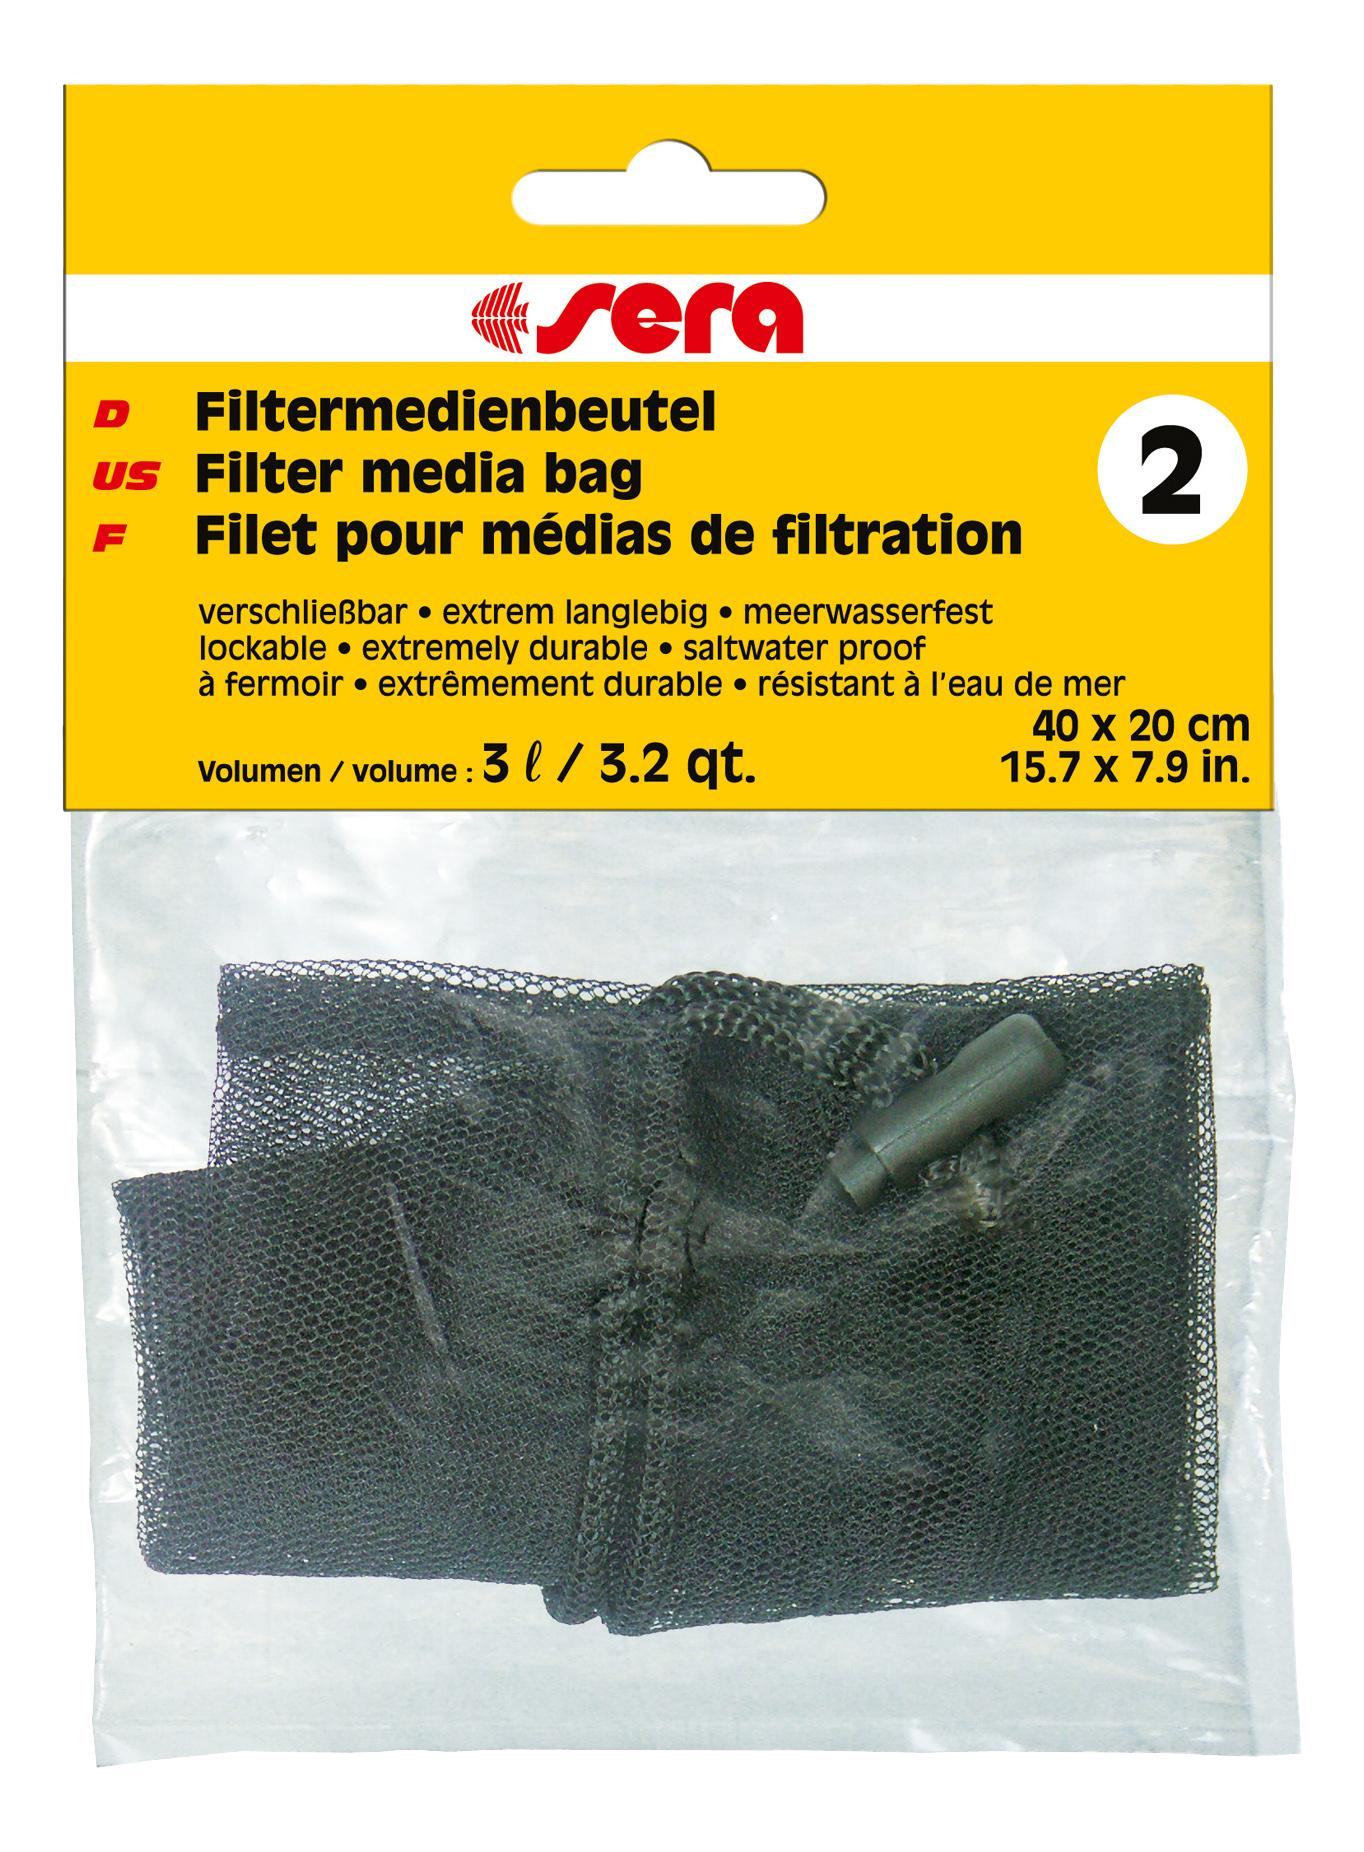 Мешок для фильтрующих материалов Sera №2